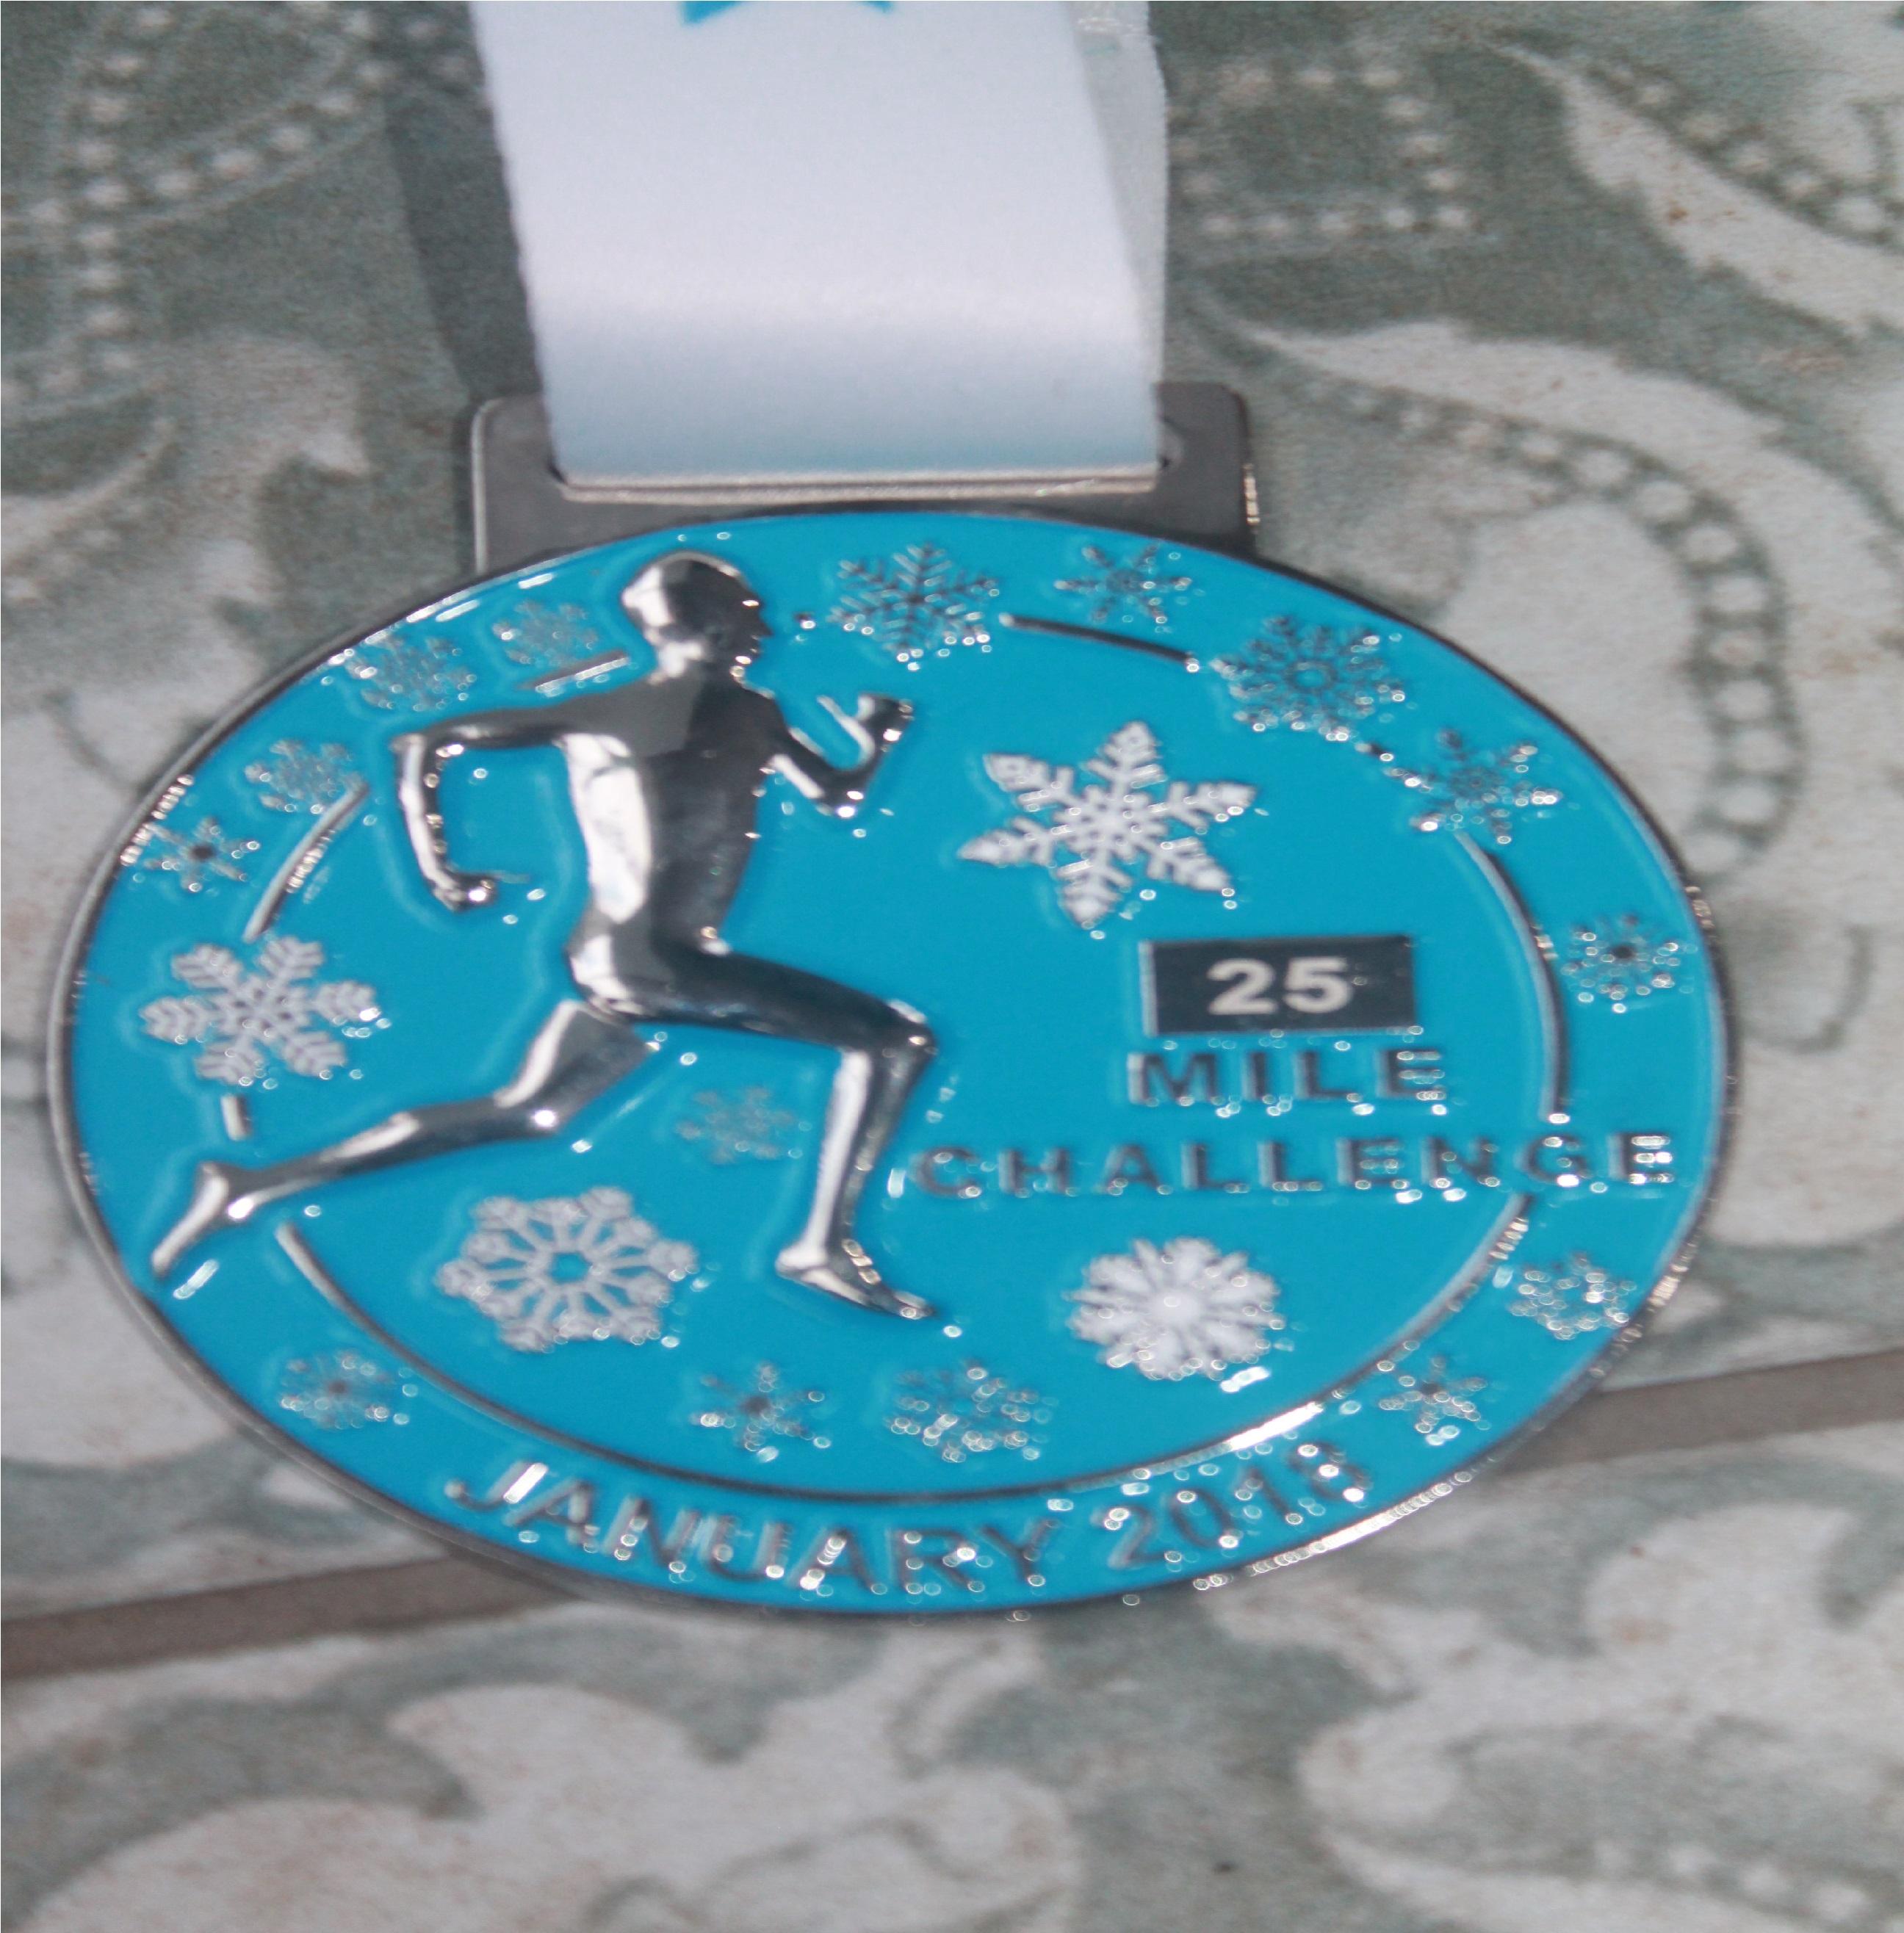 Martin medal edit